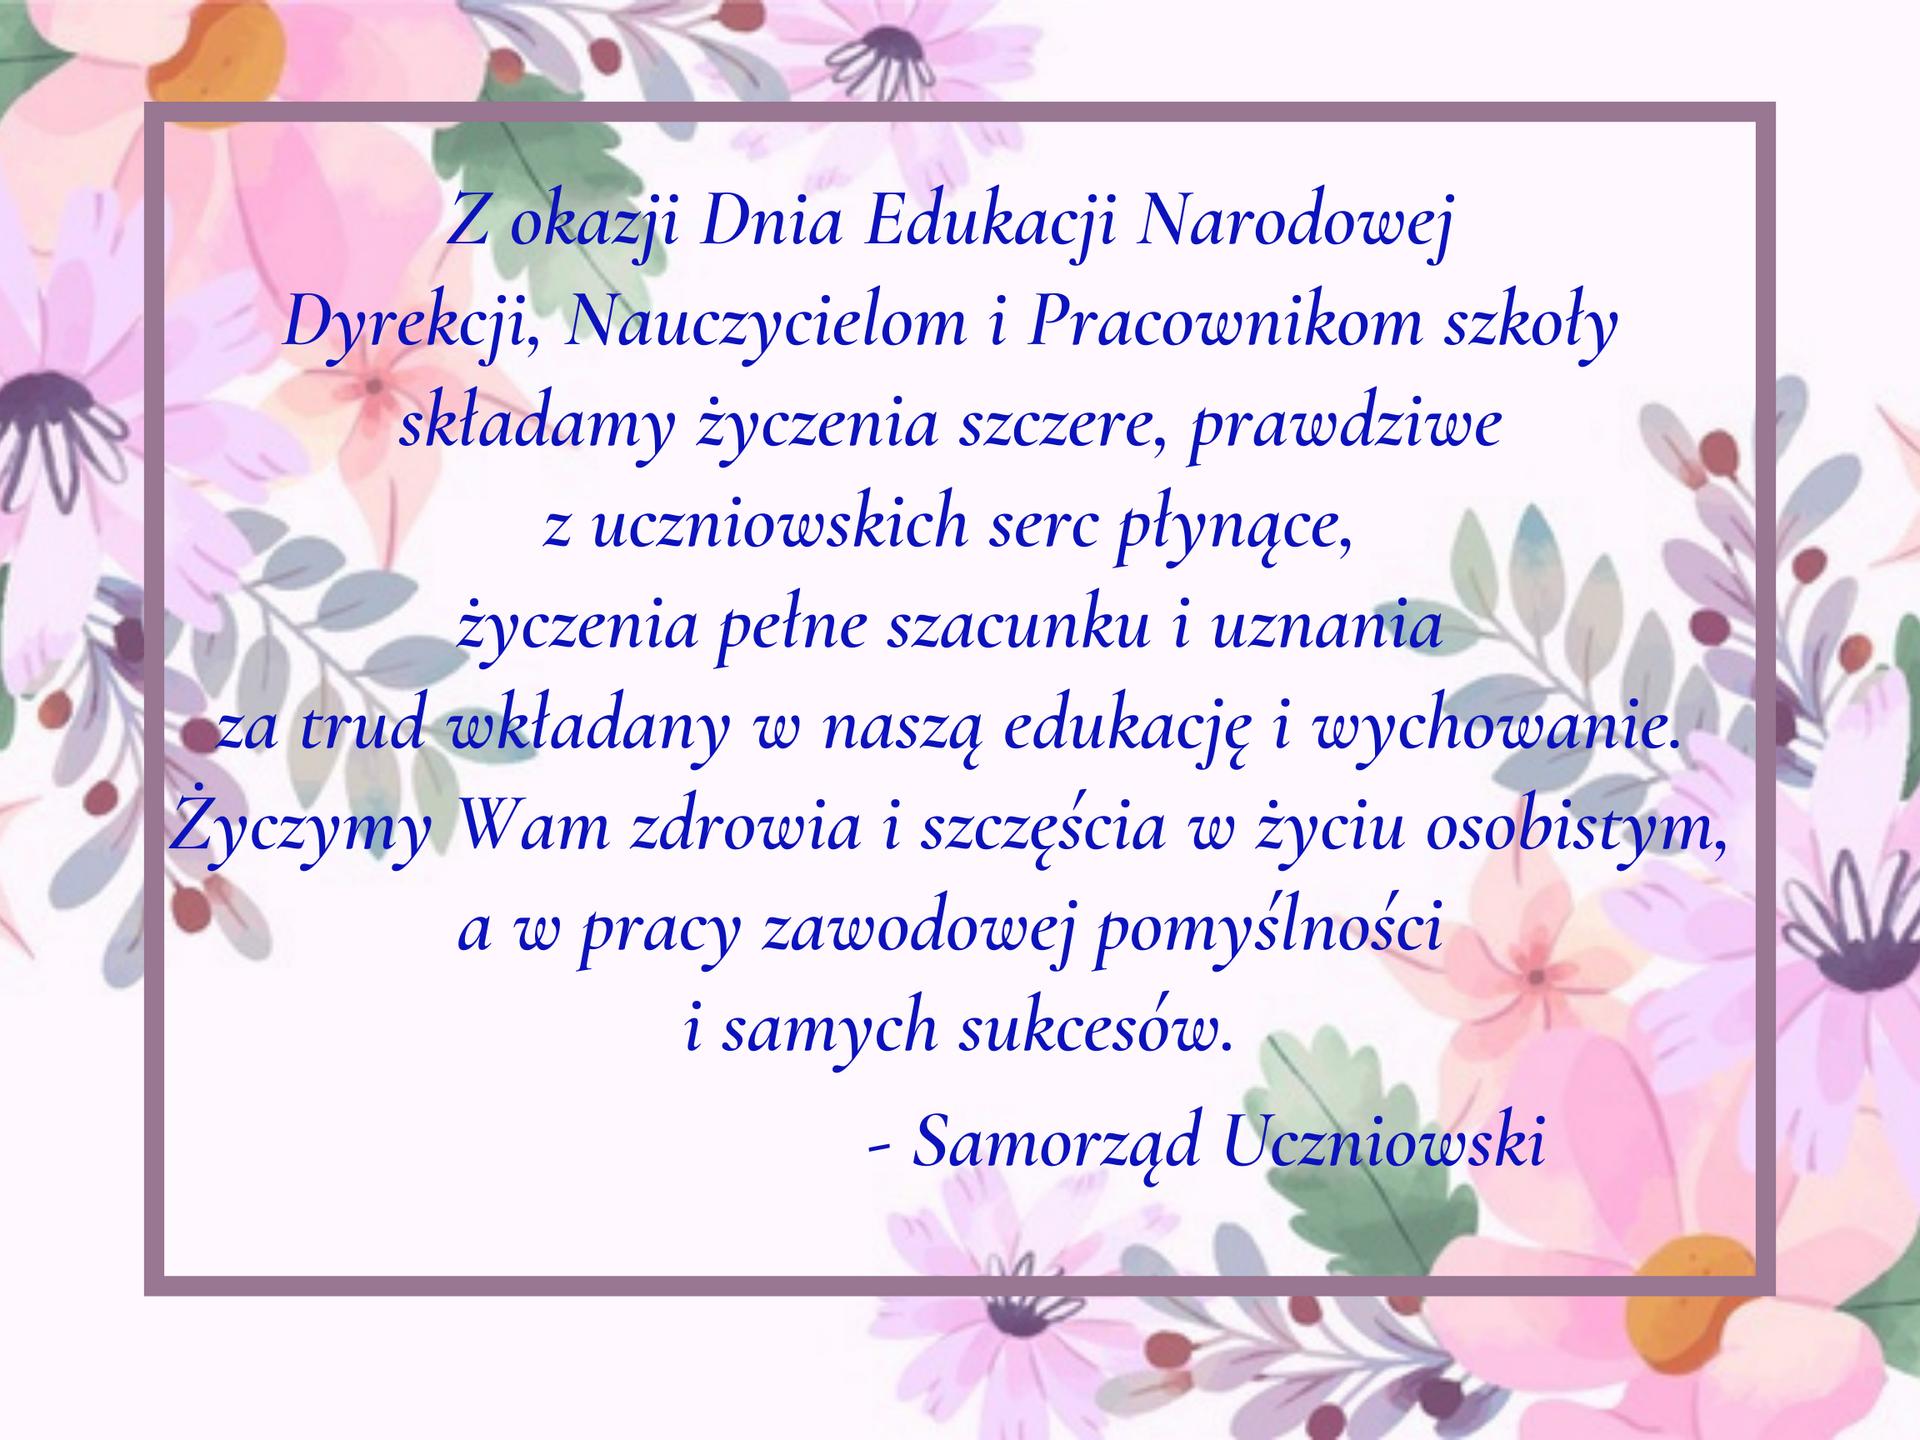 Życzenia z okazji Dnia Edukacji Narodowej od Samorządu Uczniowskiego